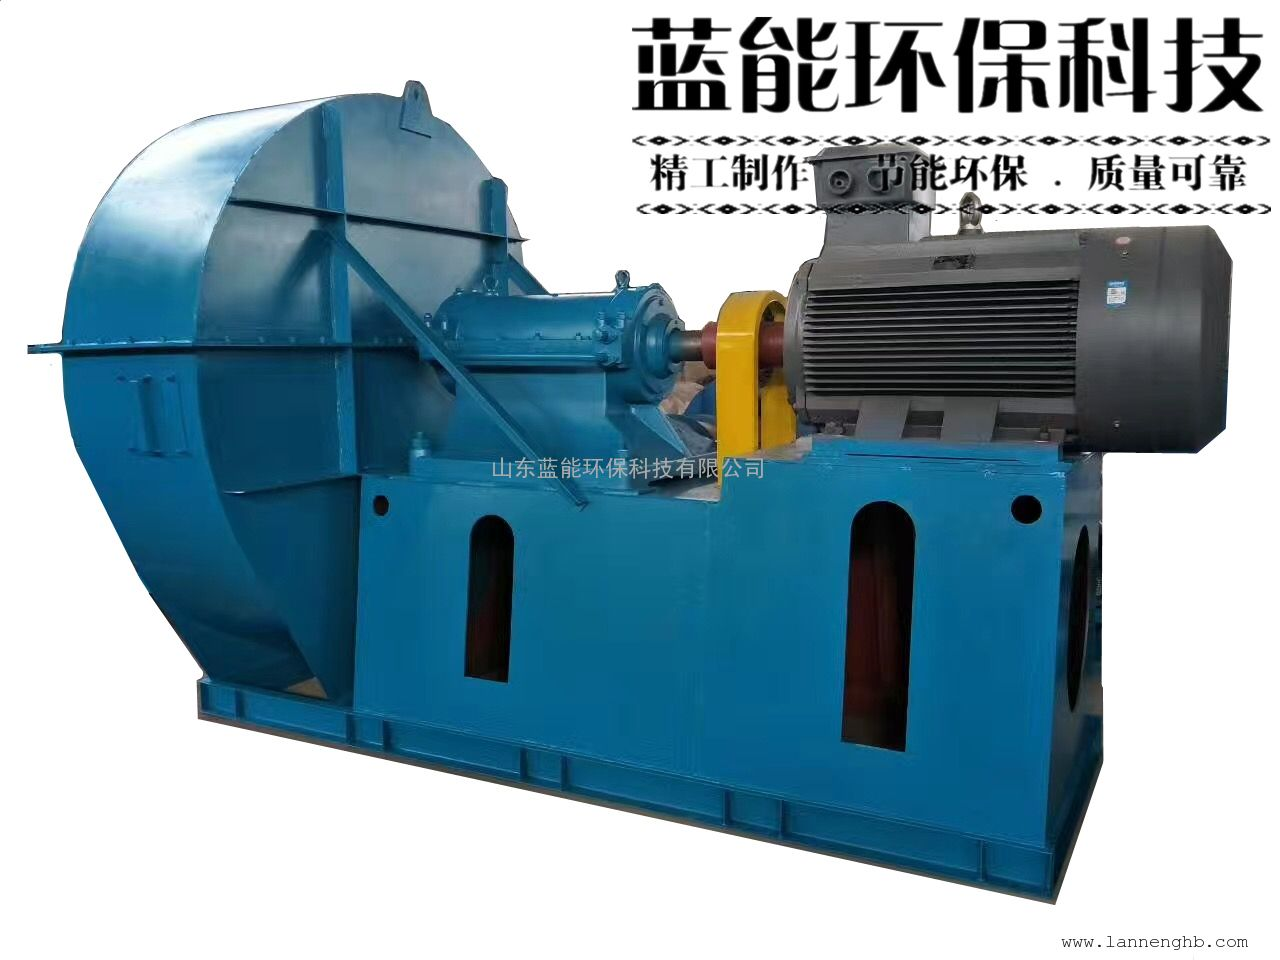 Y9-35 9-35型锅炉通引风机 山东淄博风机厂